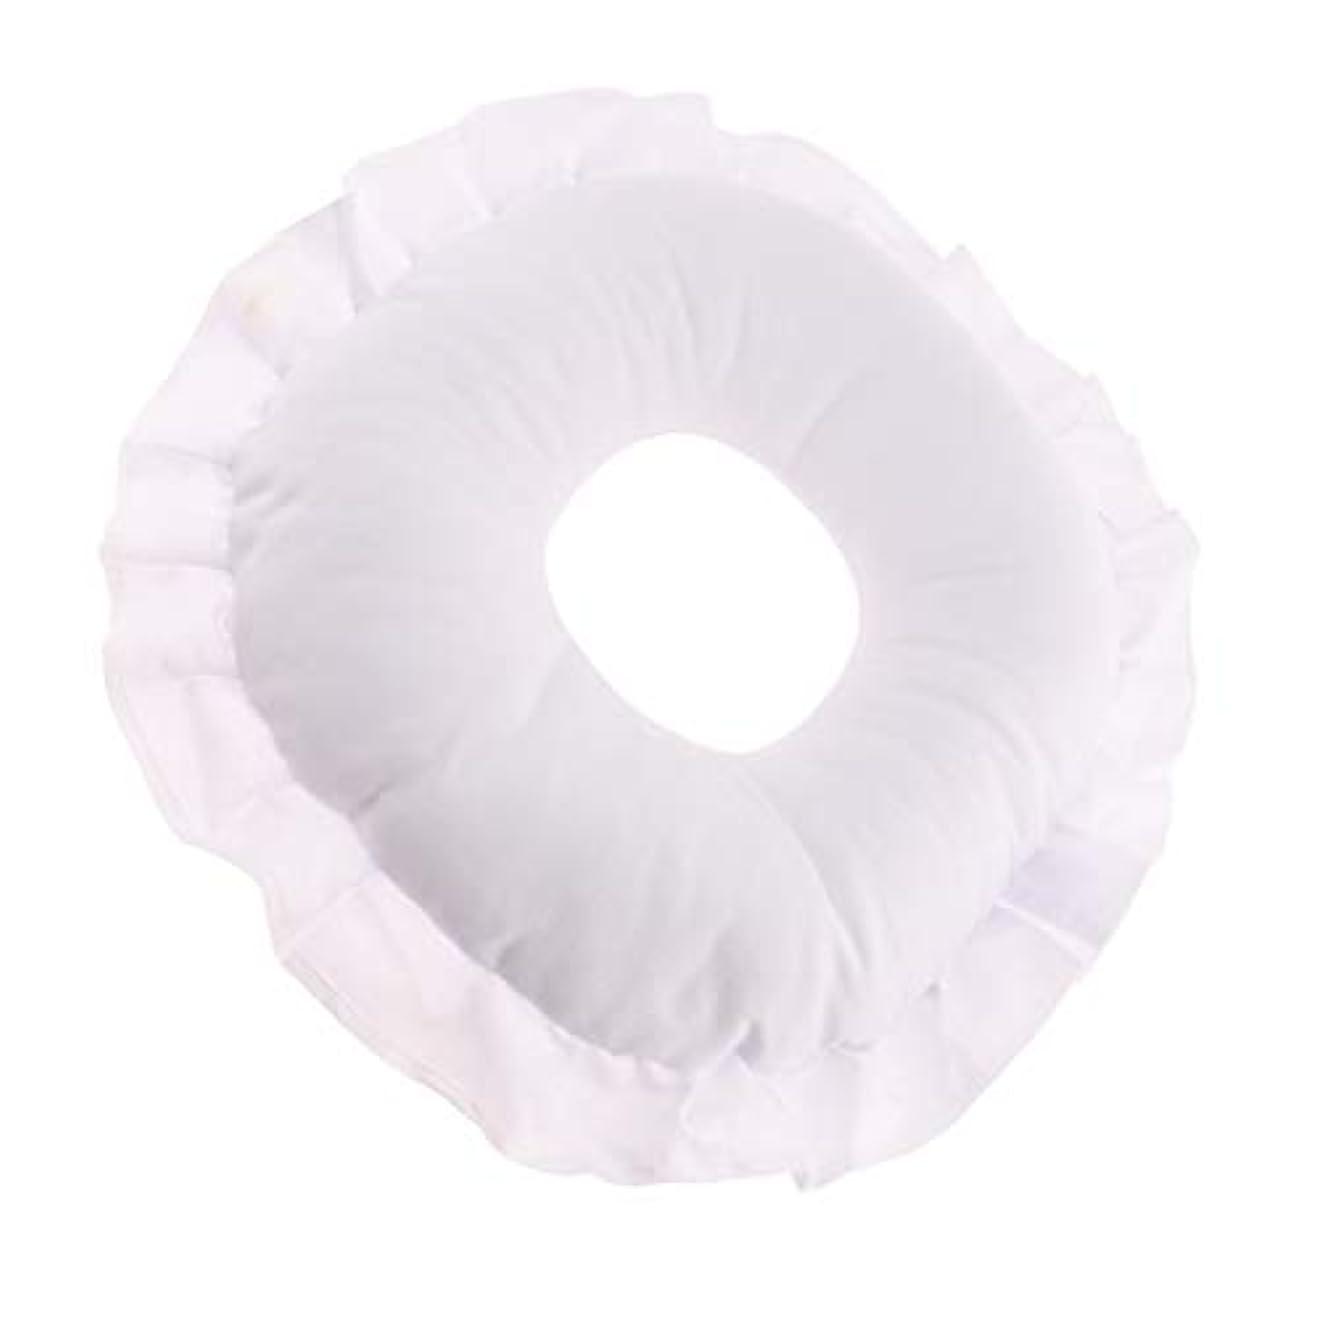 メンバー副詞出席全3色 フェイスピロー 顔枕 マッサージ枕 マッサージテーブルピロー 柔軟 洗えるカバー リラックス - 白